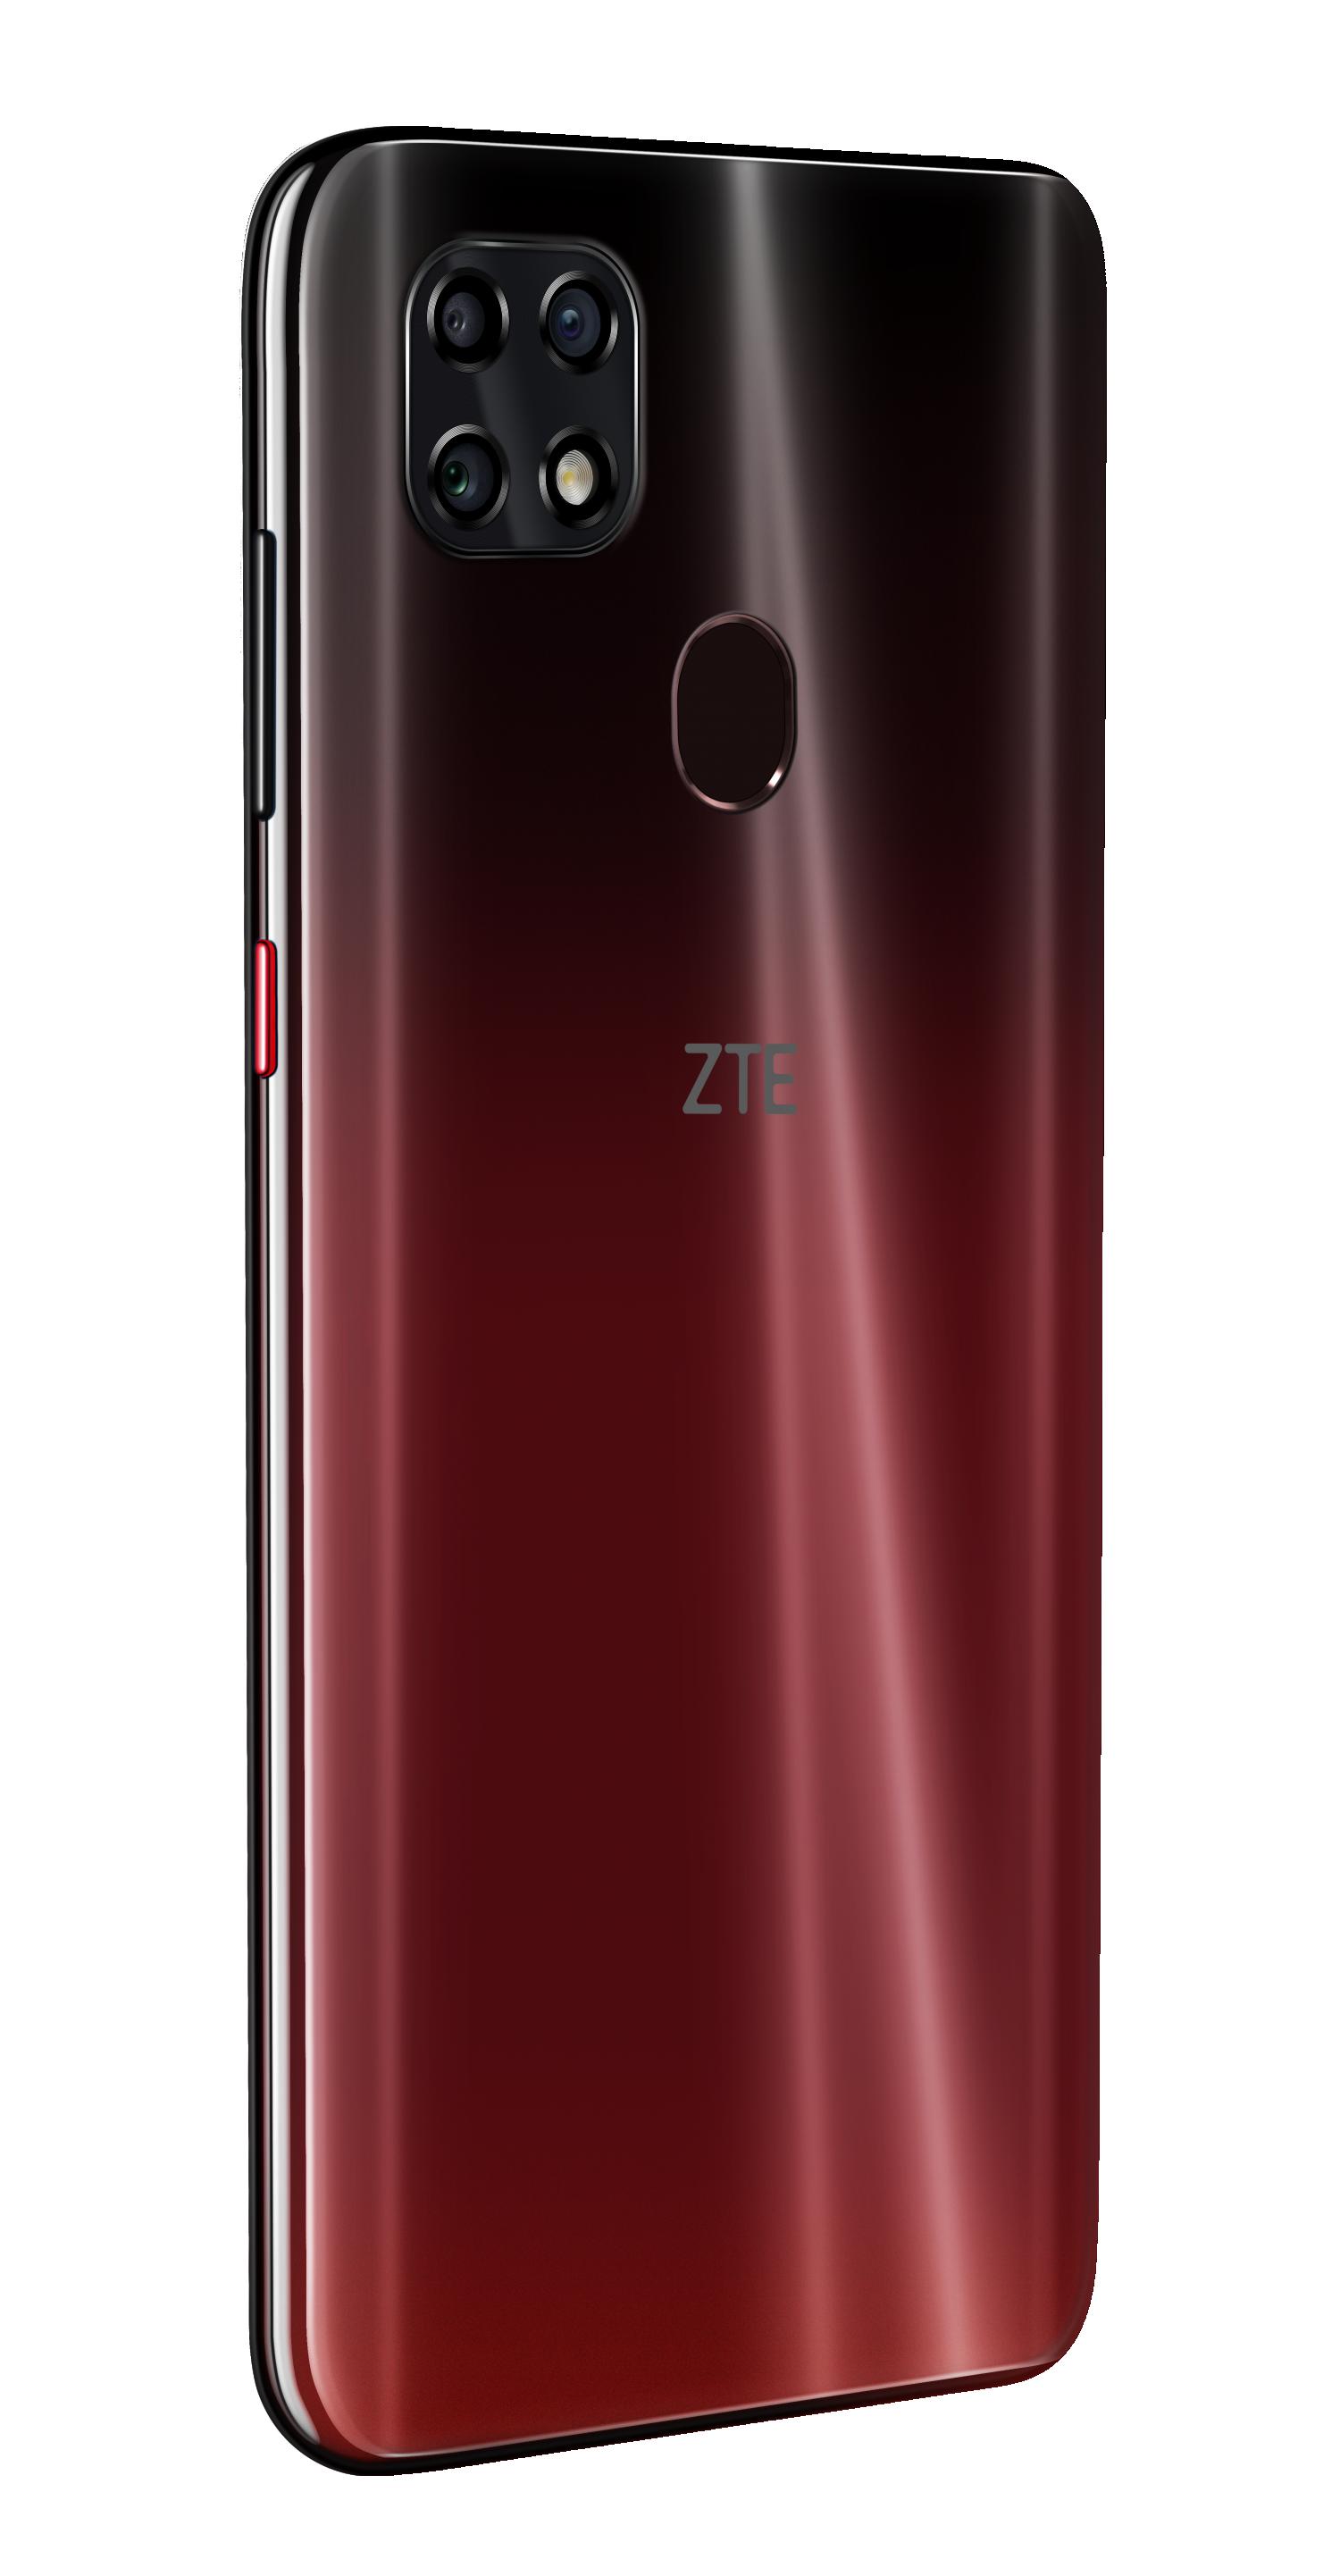 В России начались продажи ZTE Blade 20 Smart с NFC и ёмким аккумулятором3